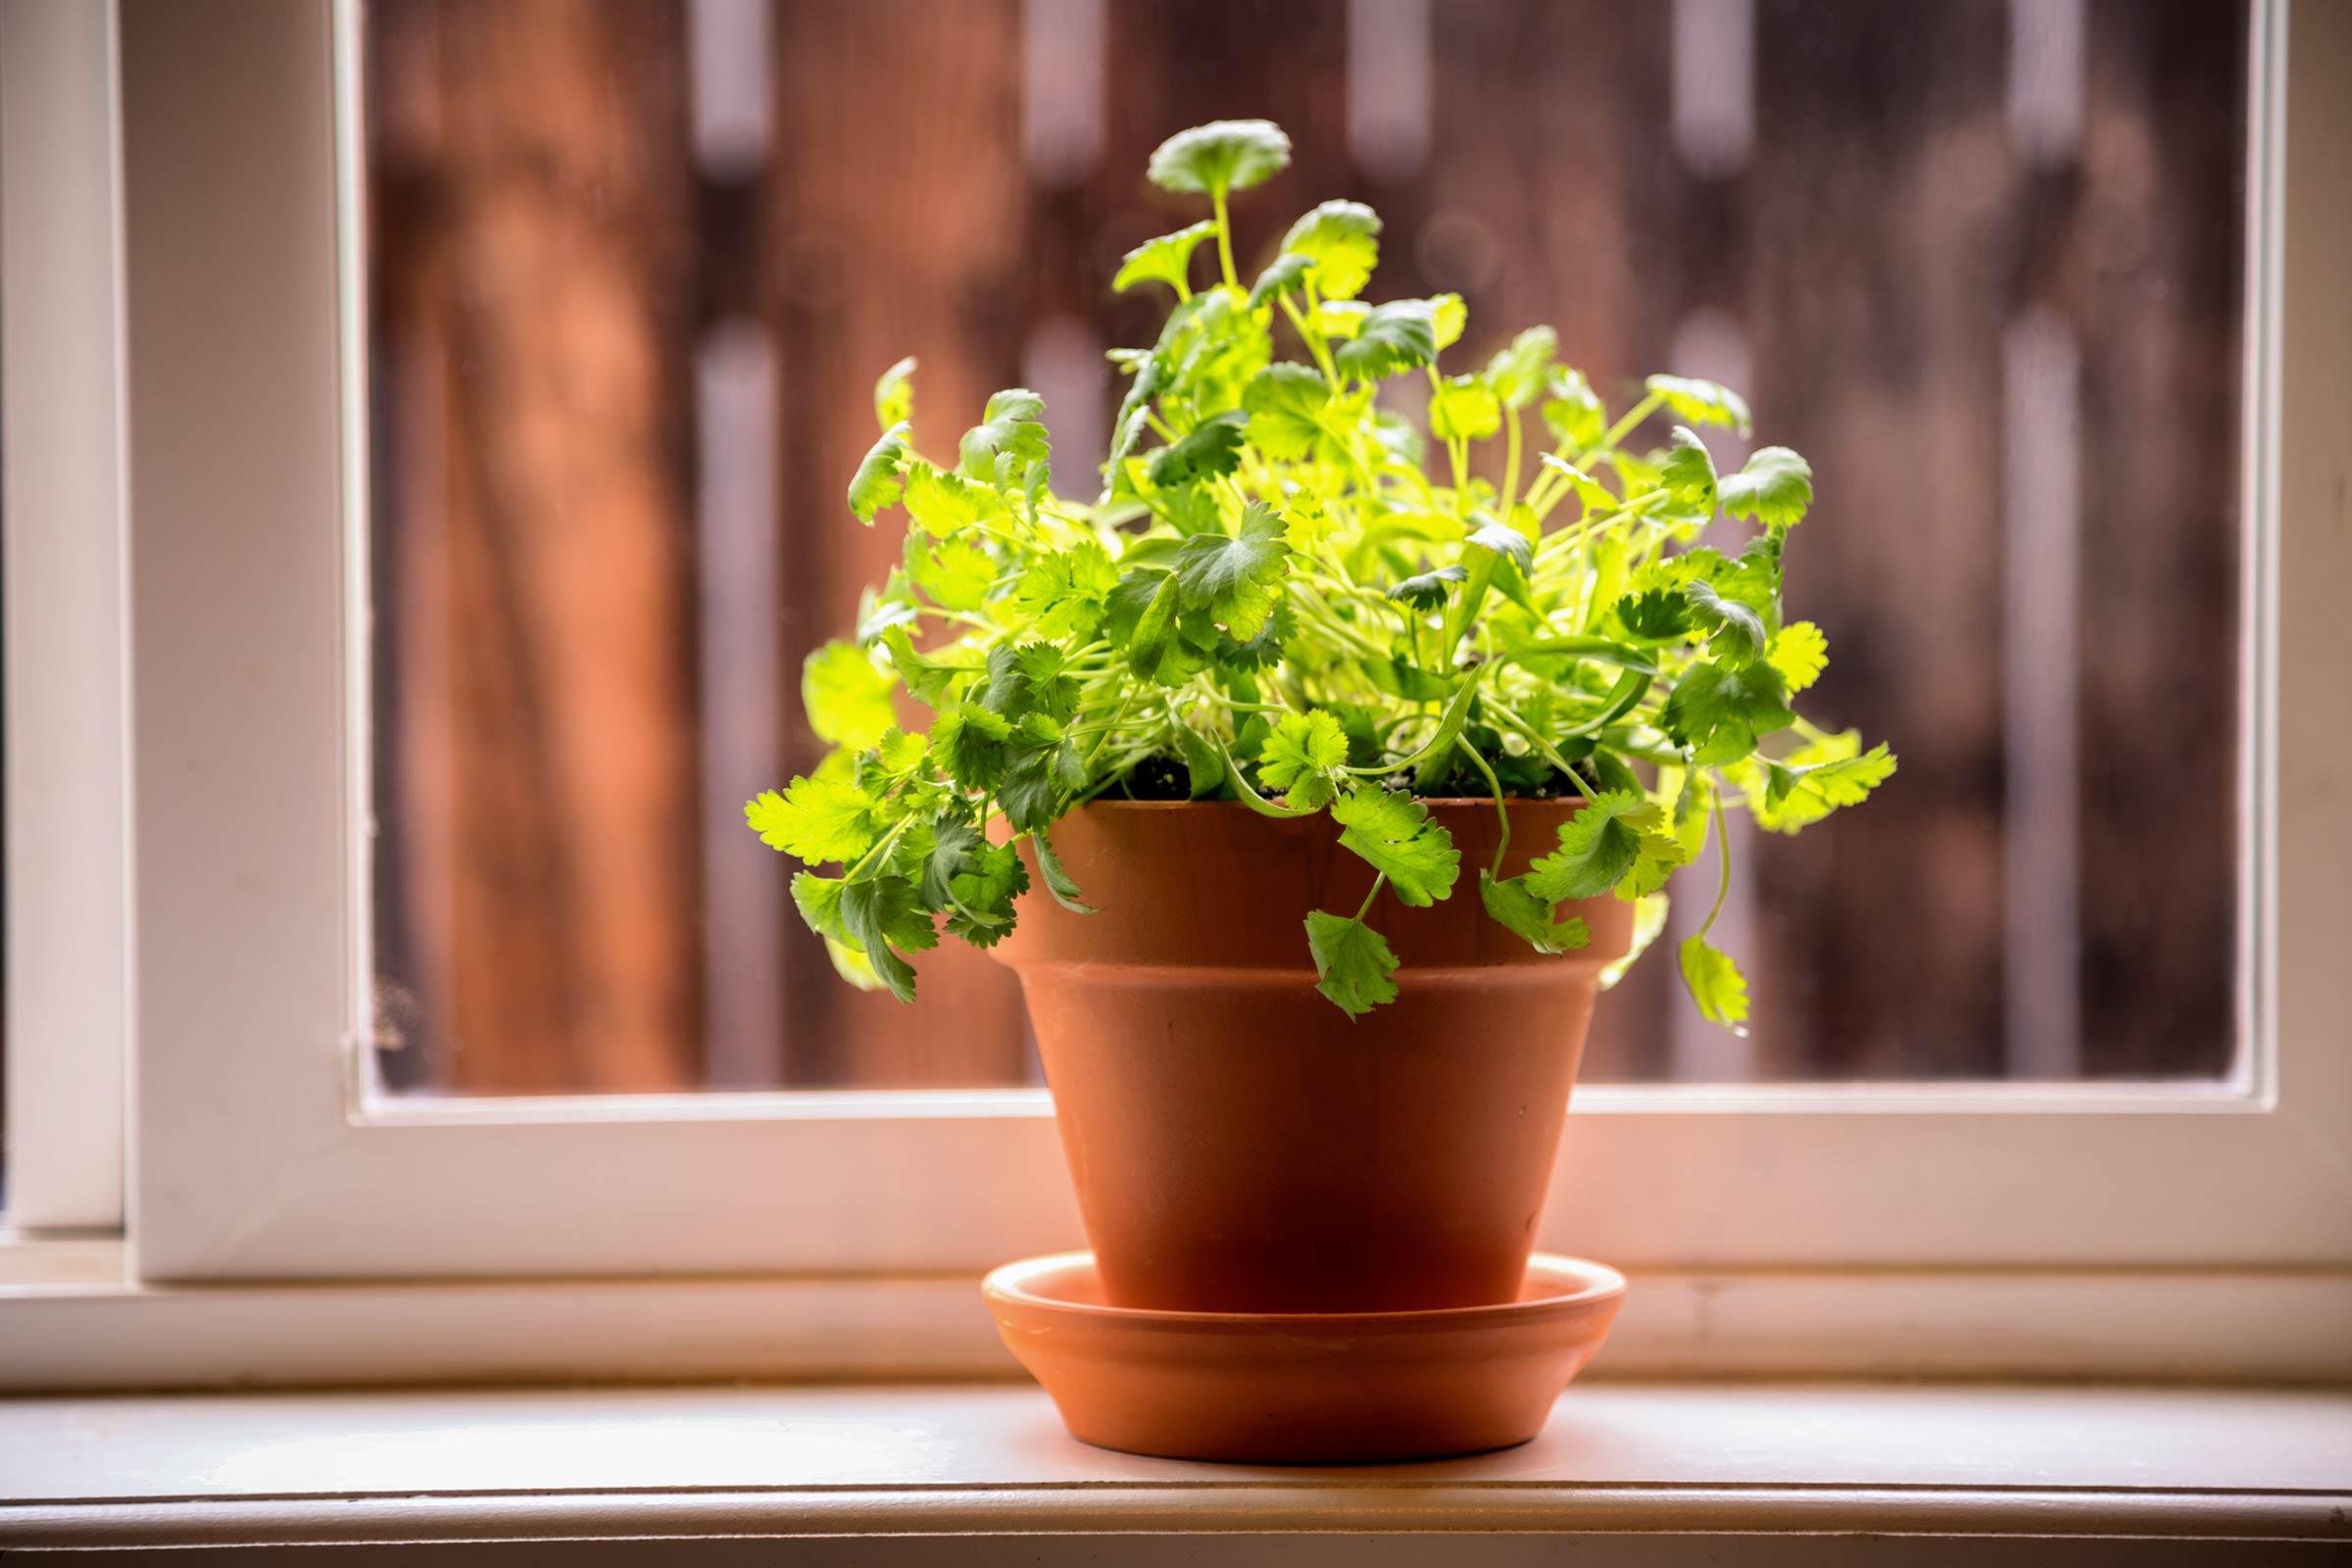 Любисток: выращивание и уход, как сажать и вырастить из семян (в открытом грунте, в горшке в домашних условиях и на рассаду), подкормка, сбор урожая